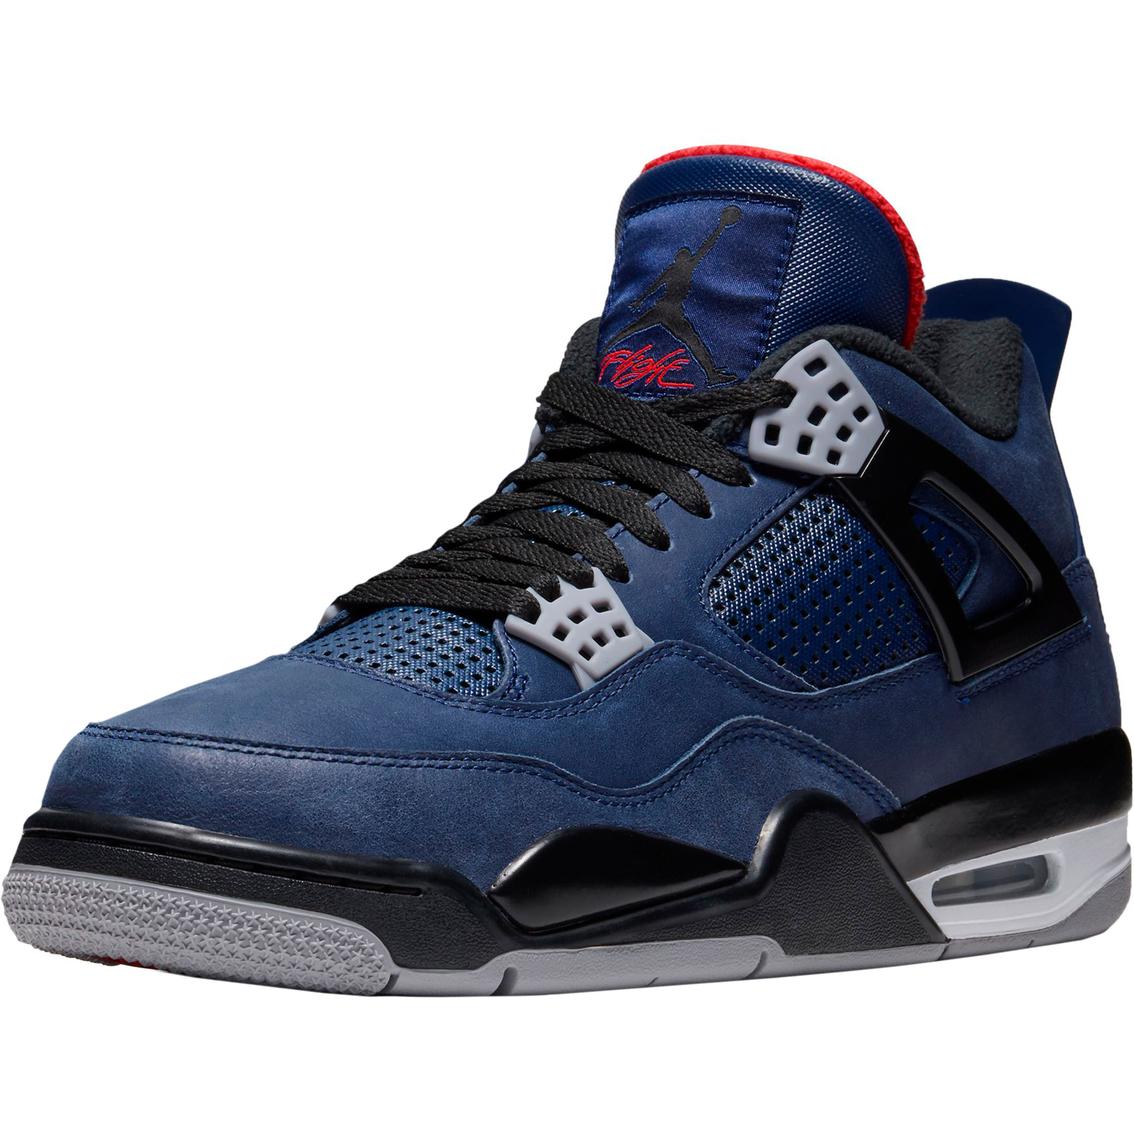 Air Jordan 4 Winter Shoe